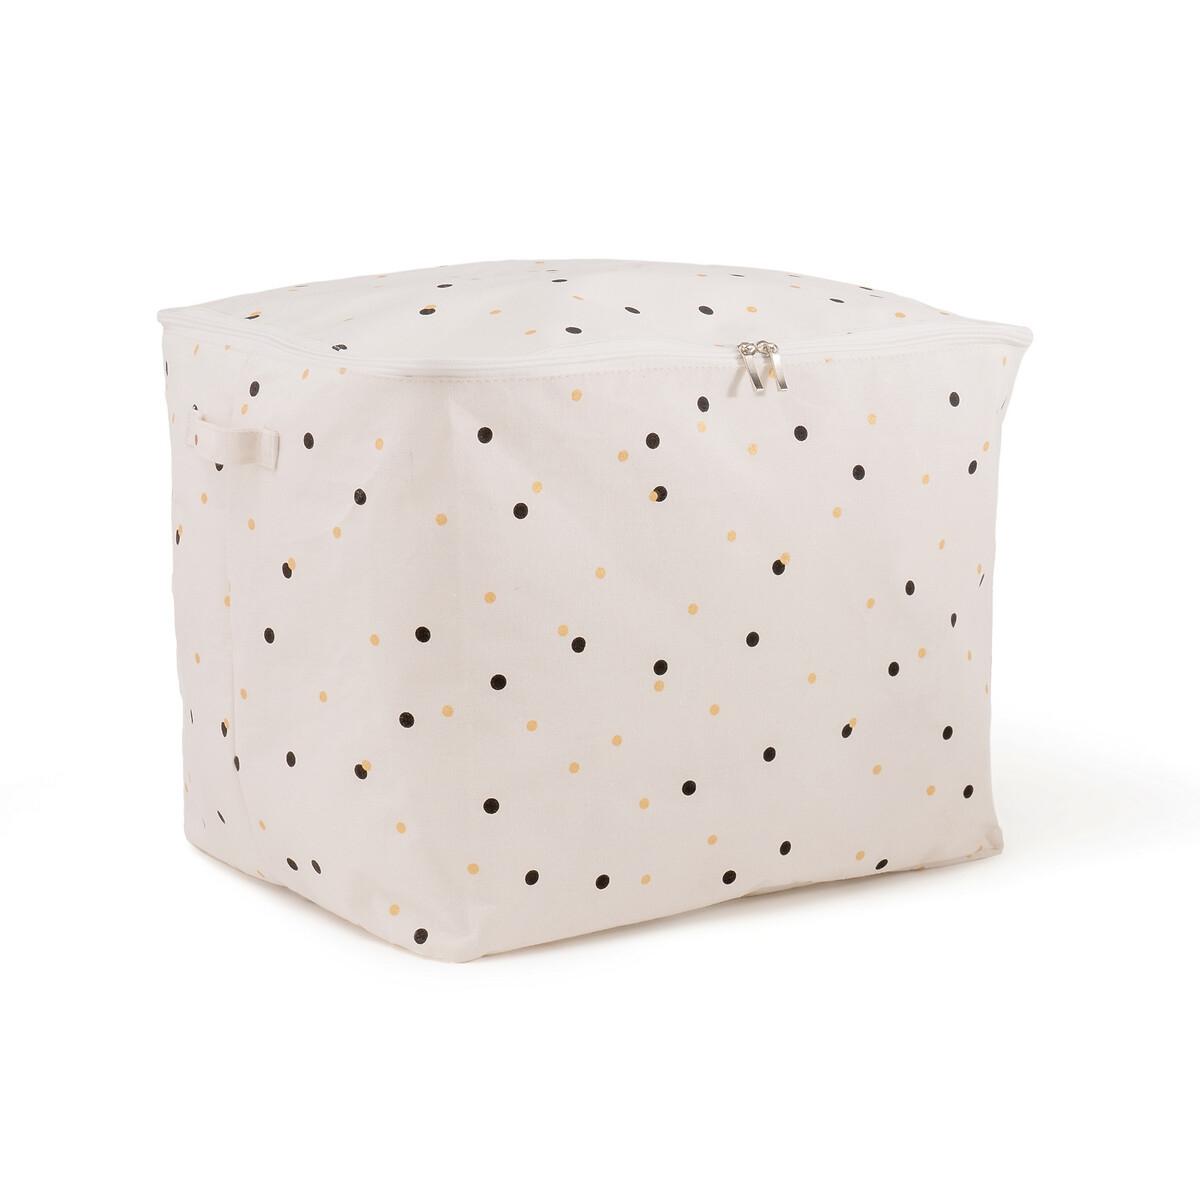 Чехол LaRedoute Для хранения L Kubler единый размер белый кресла la redoute wapong единый размер белый